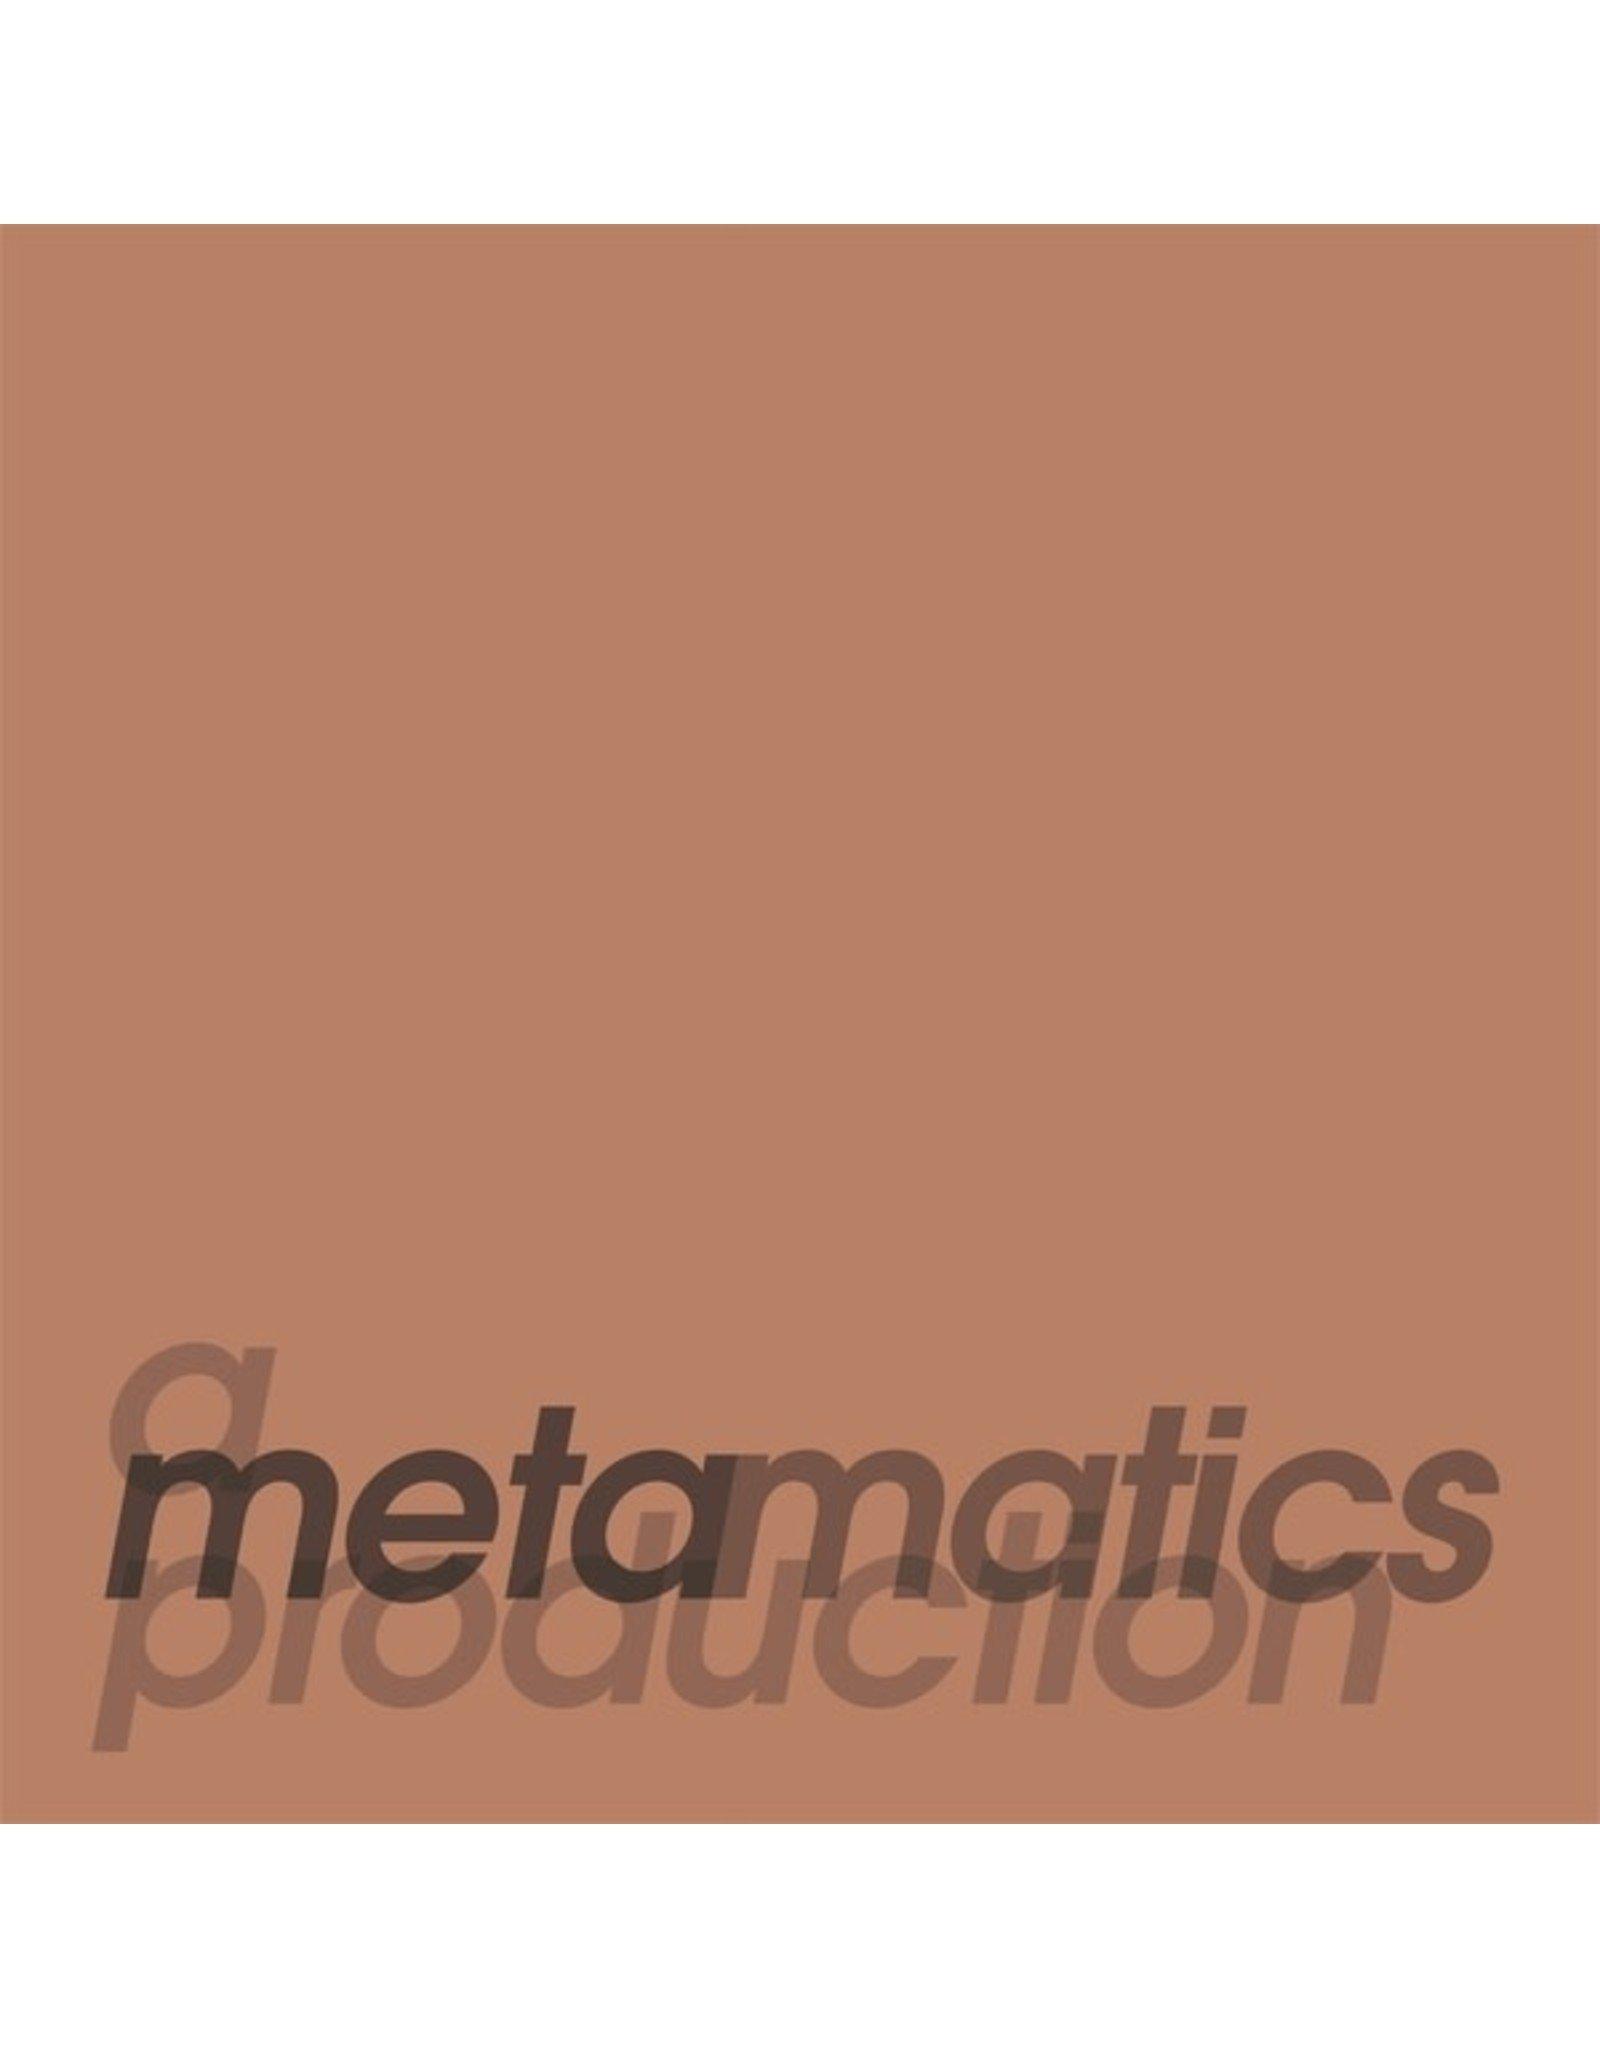 New Vinyl Metamatics - A Metamatics Production 2LP